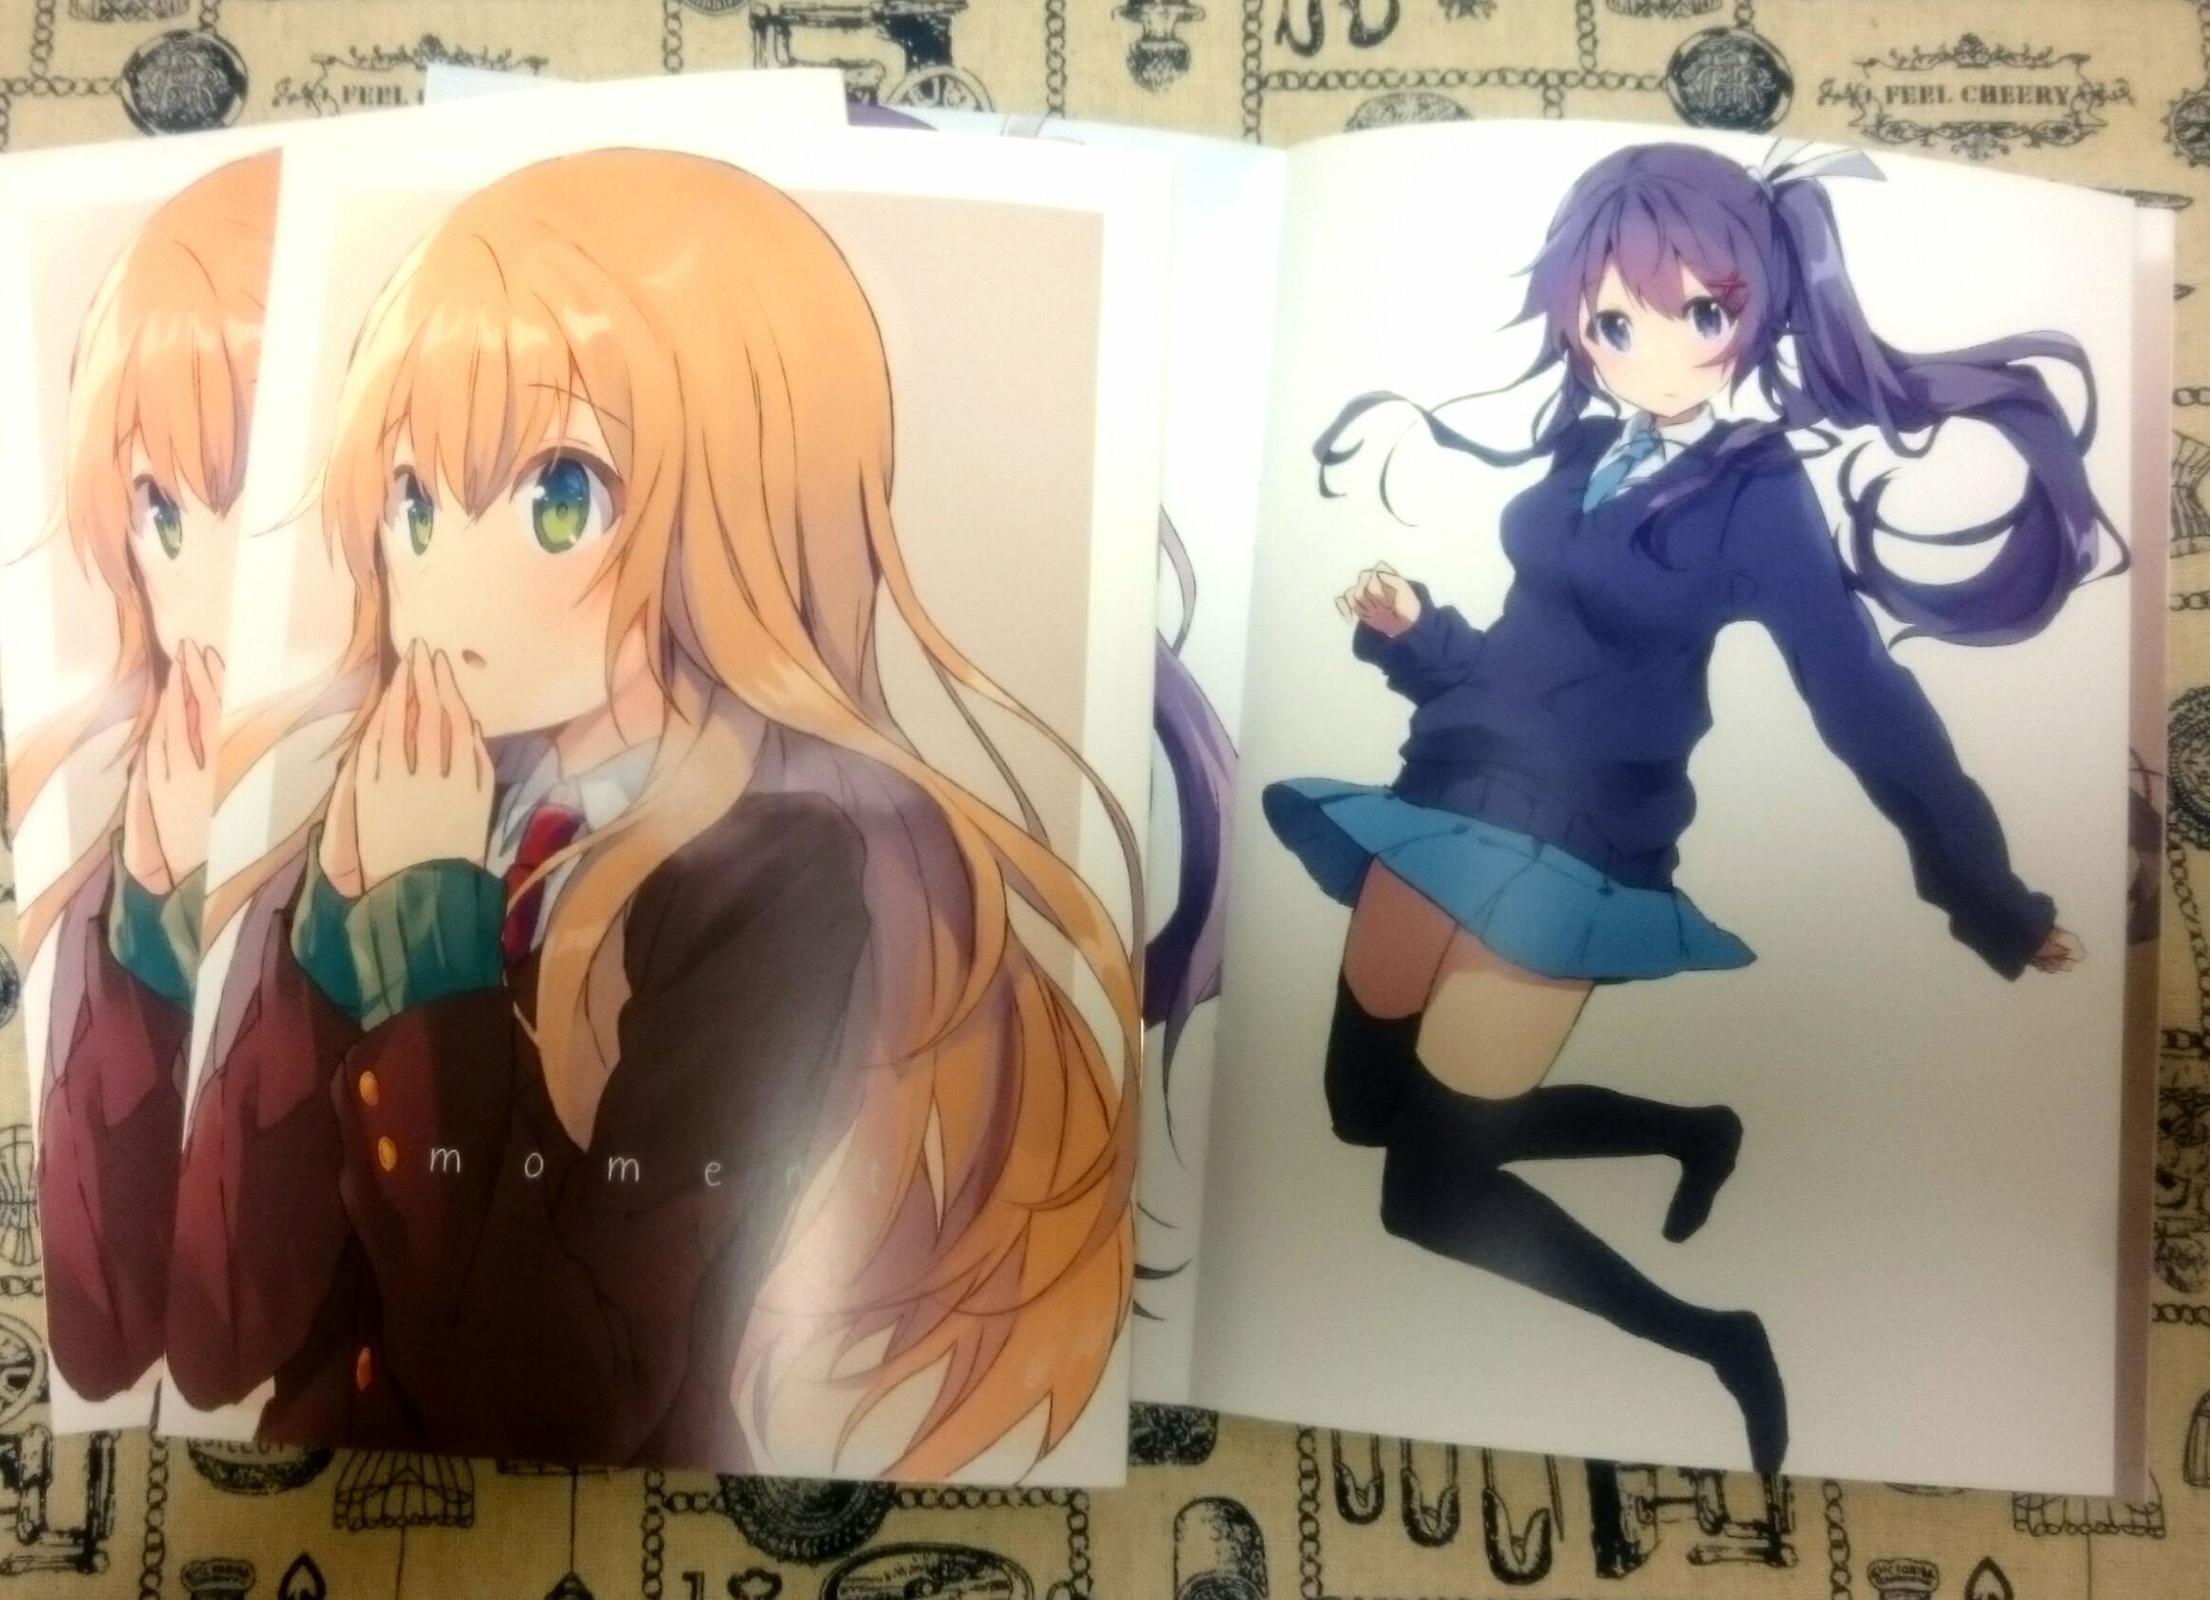 'P站关西comic 57新刊_P站浅葱くるみ的作品